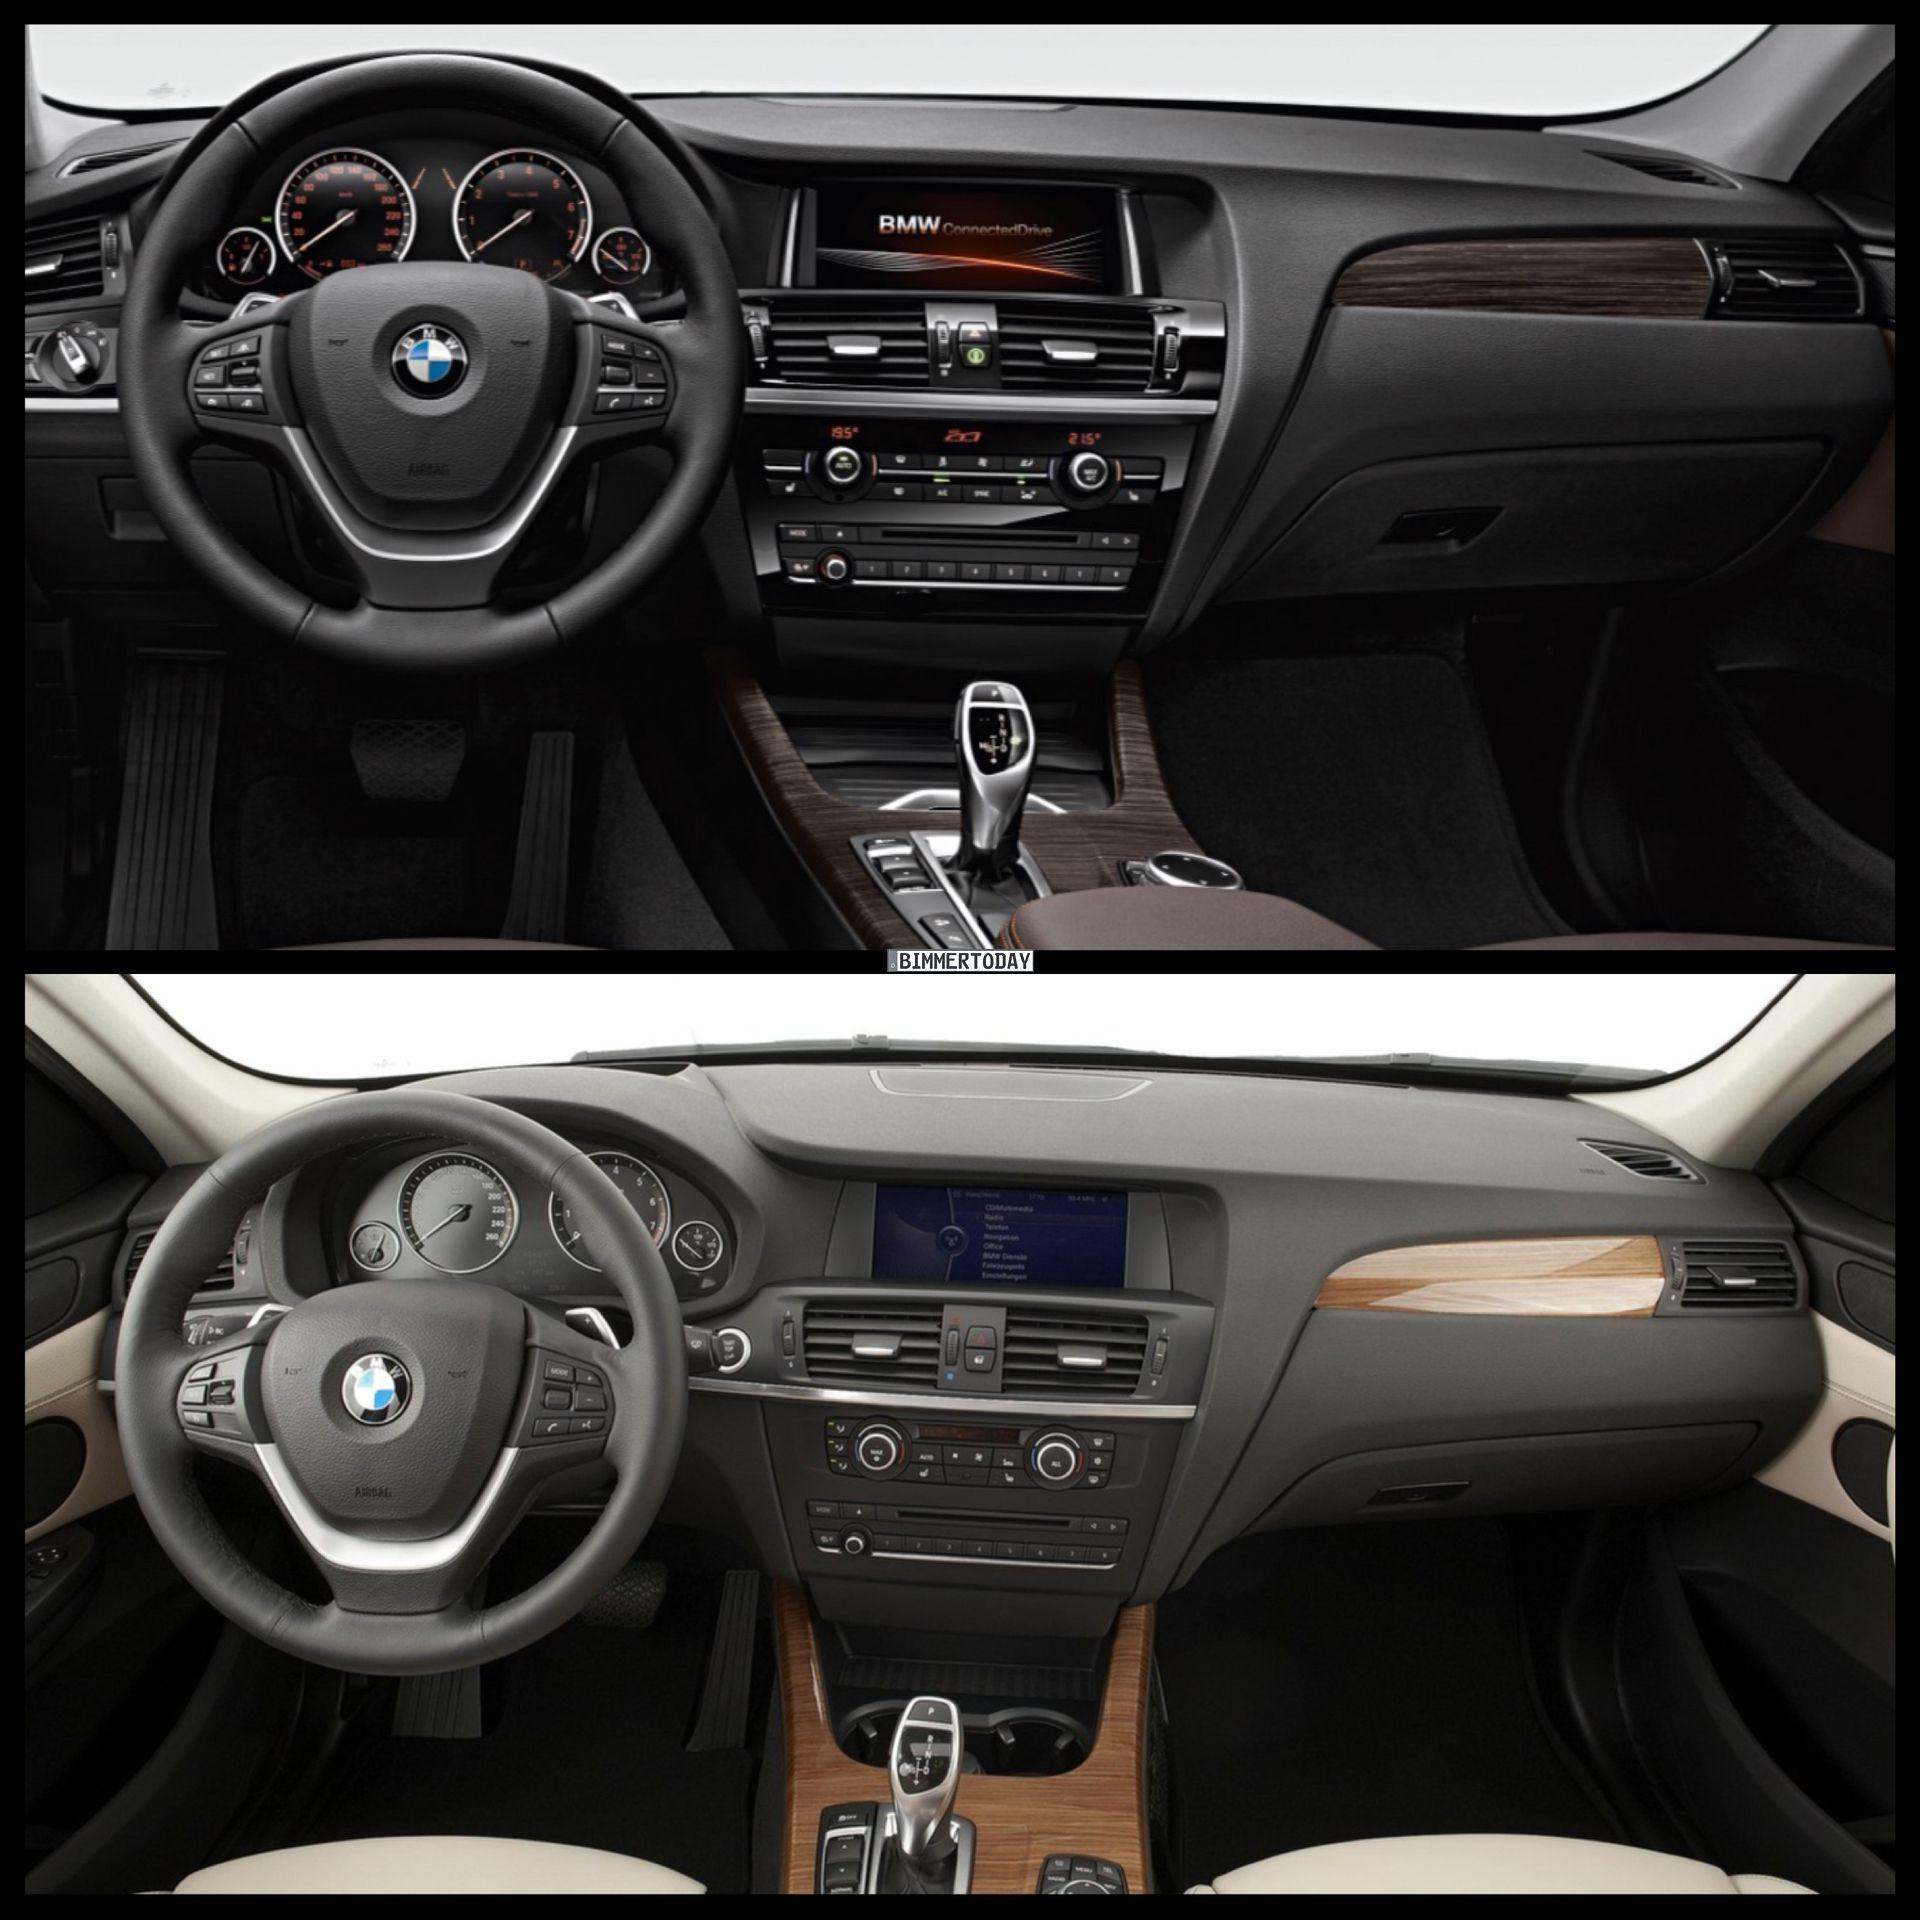 2015 BMW X3 Facelift Vs Pre